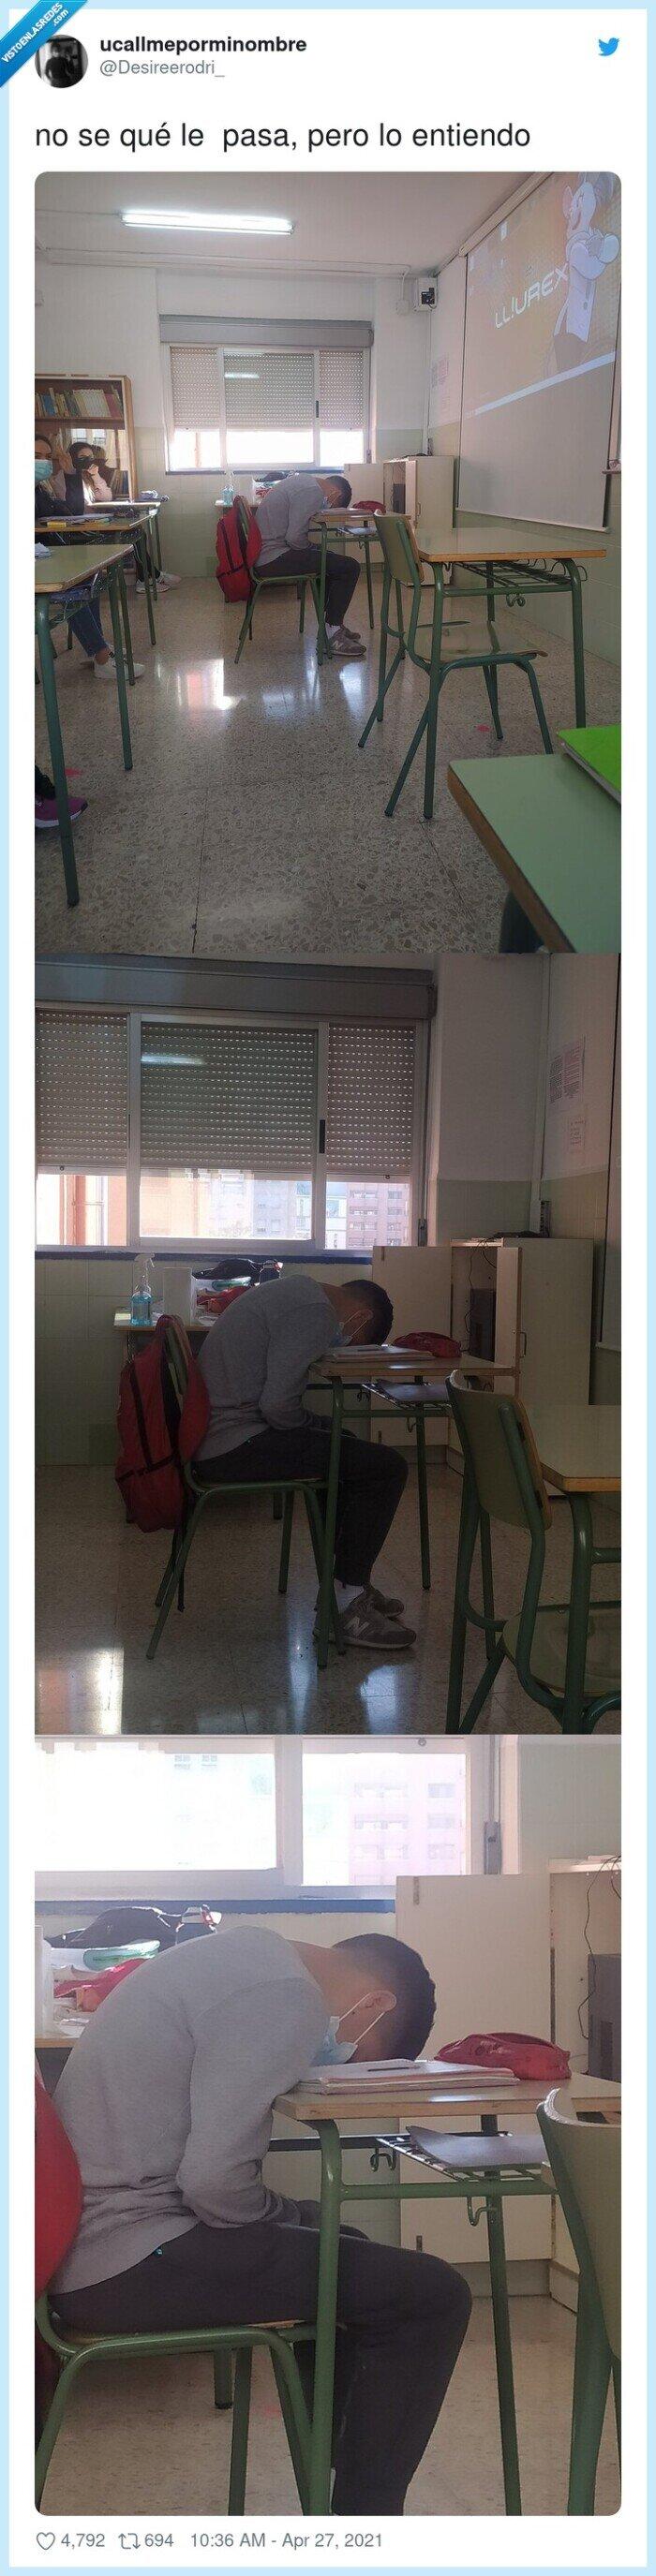 clase,dormido,pupitre